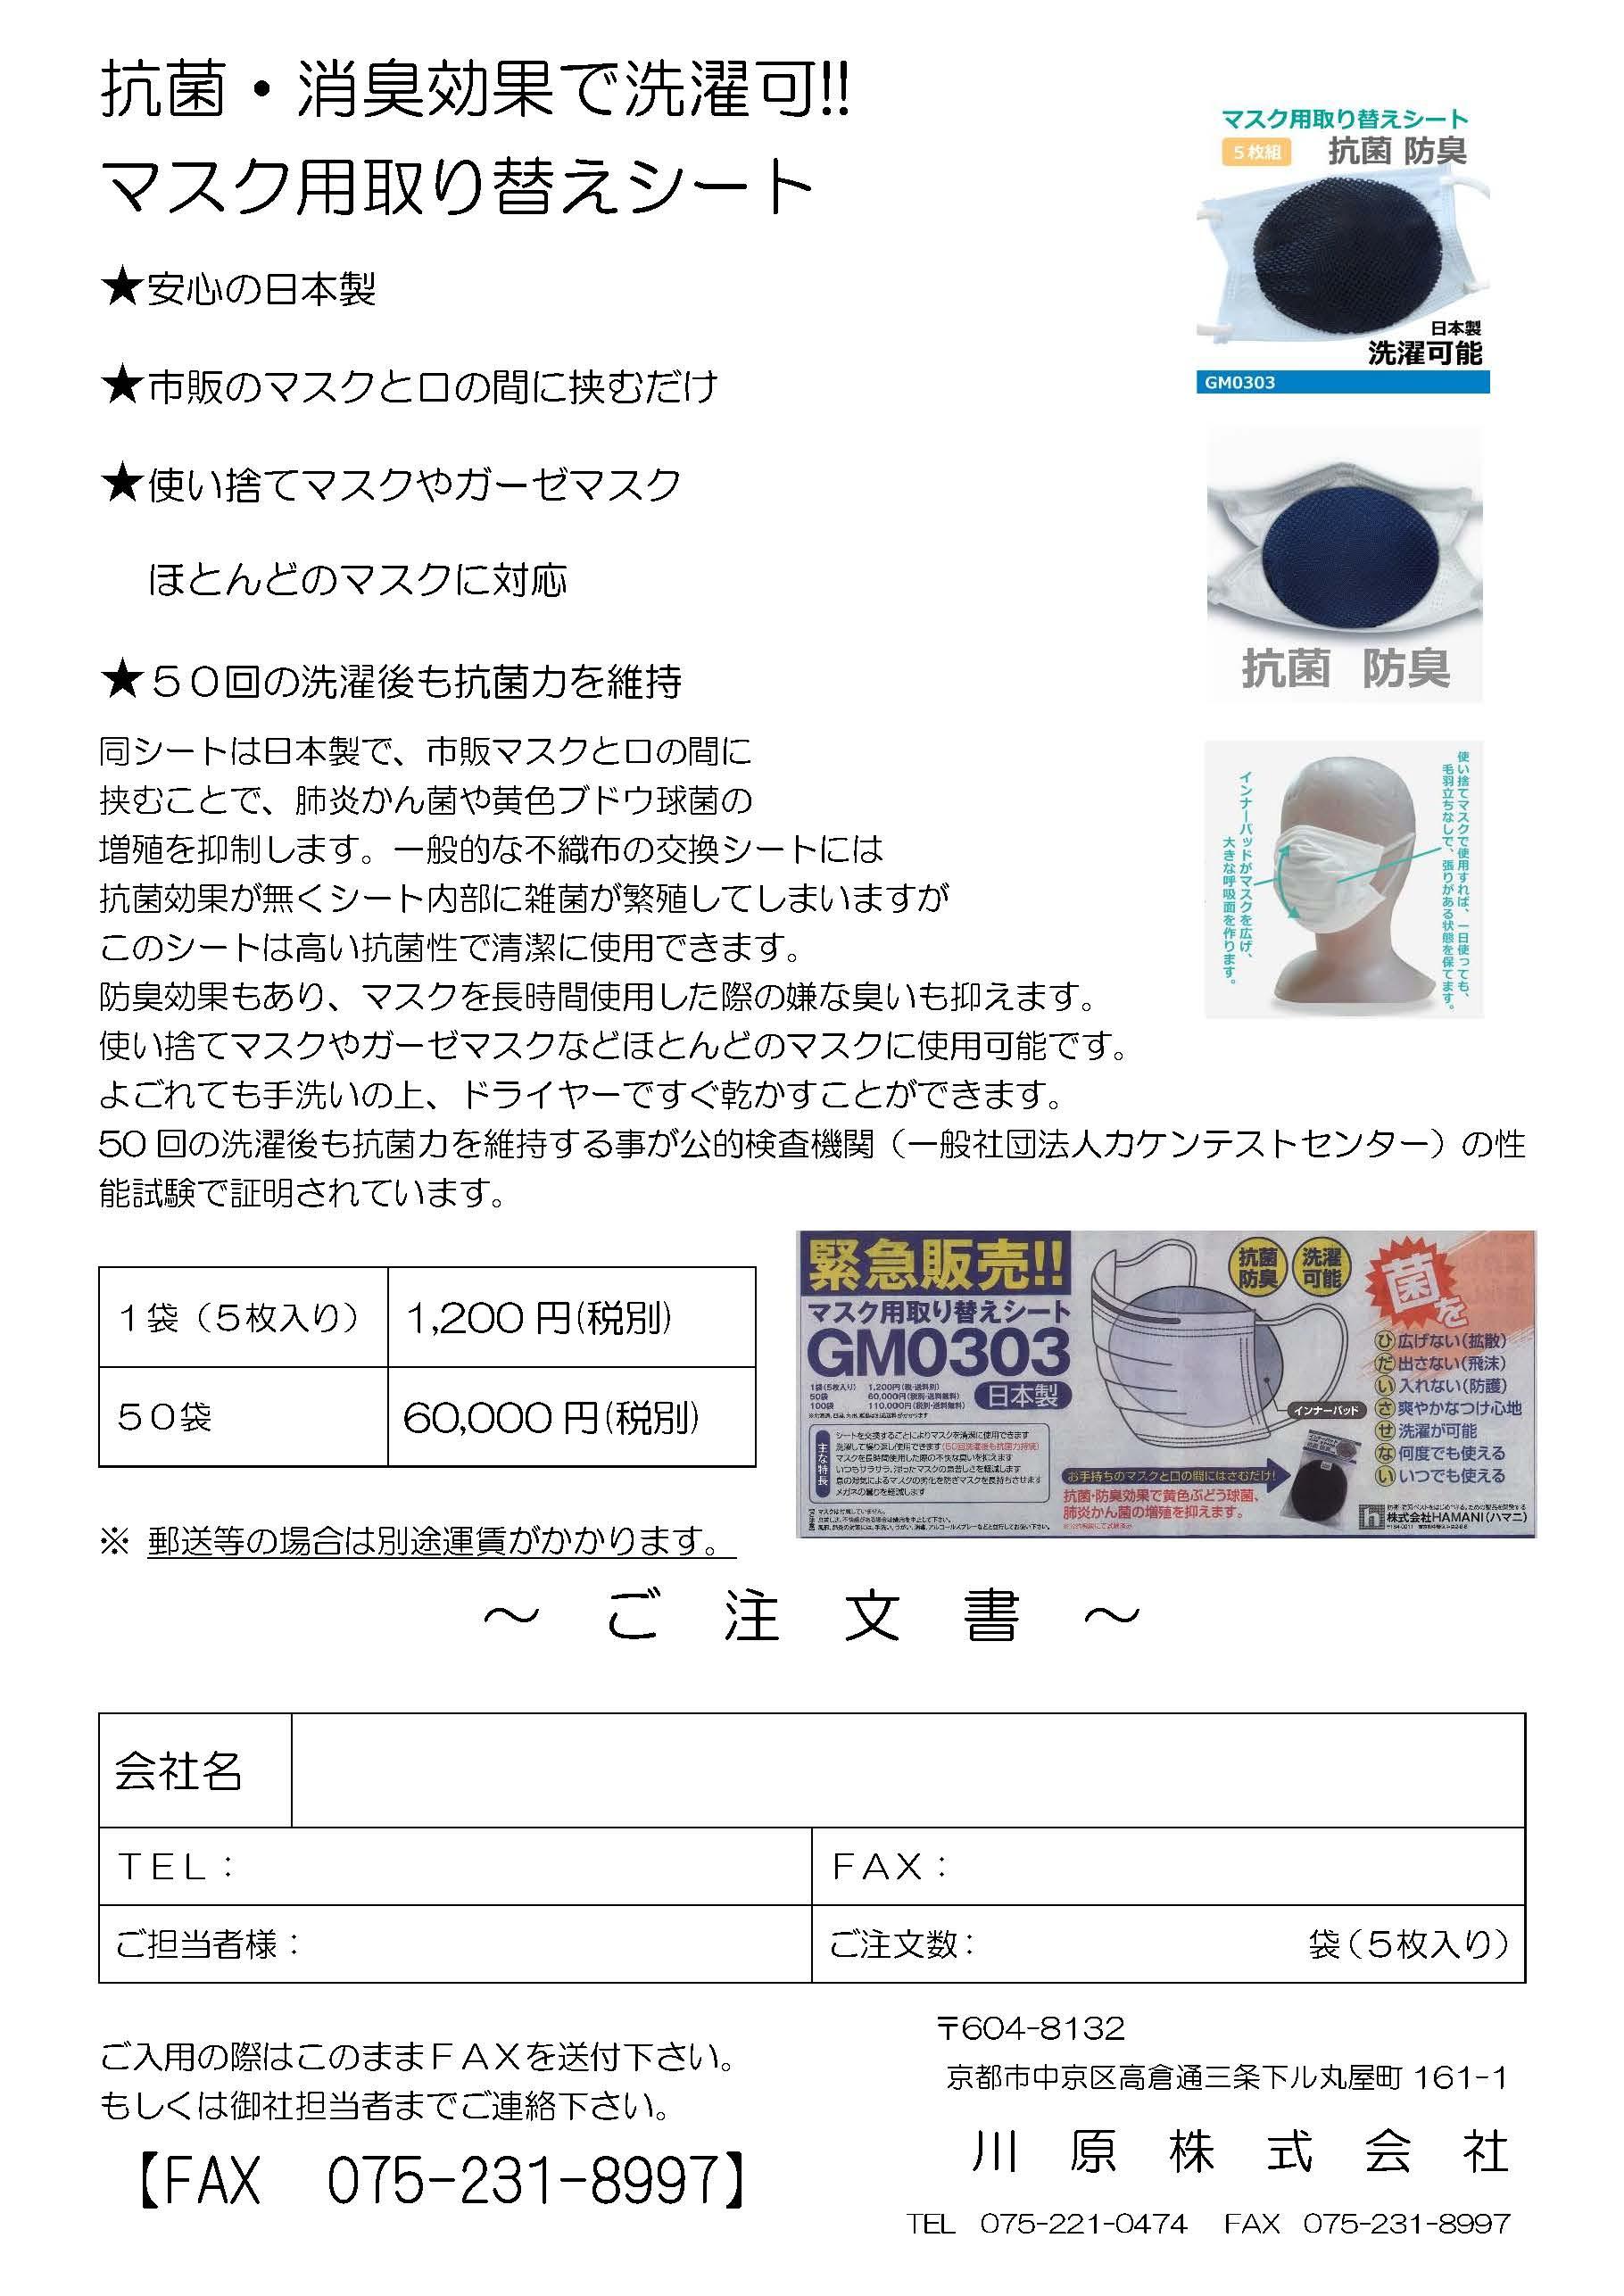 川原株式会社